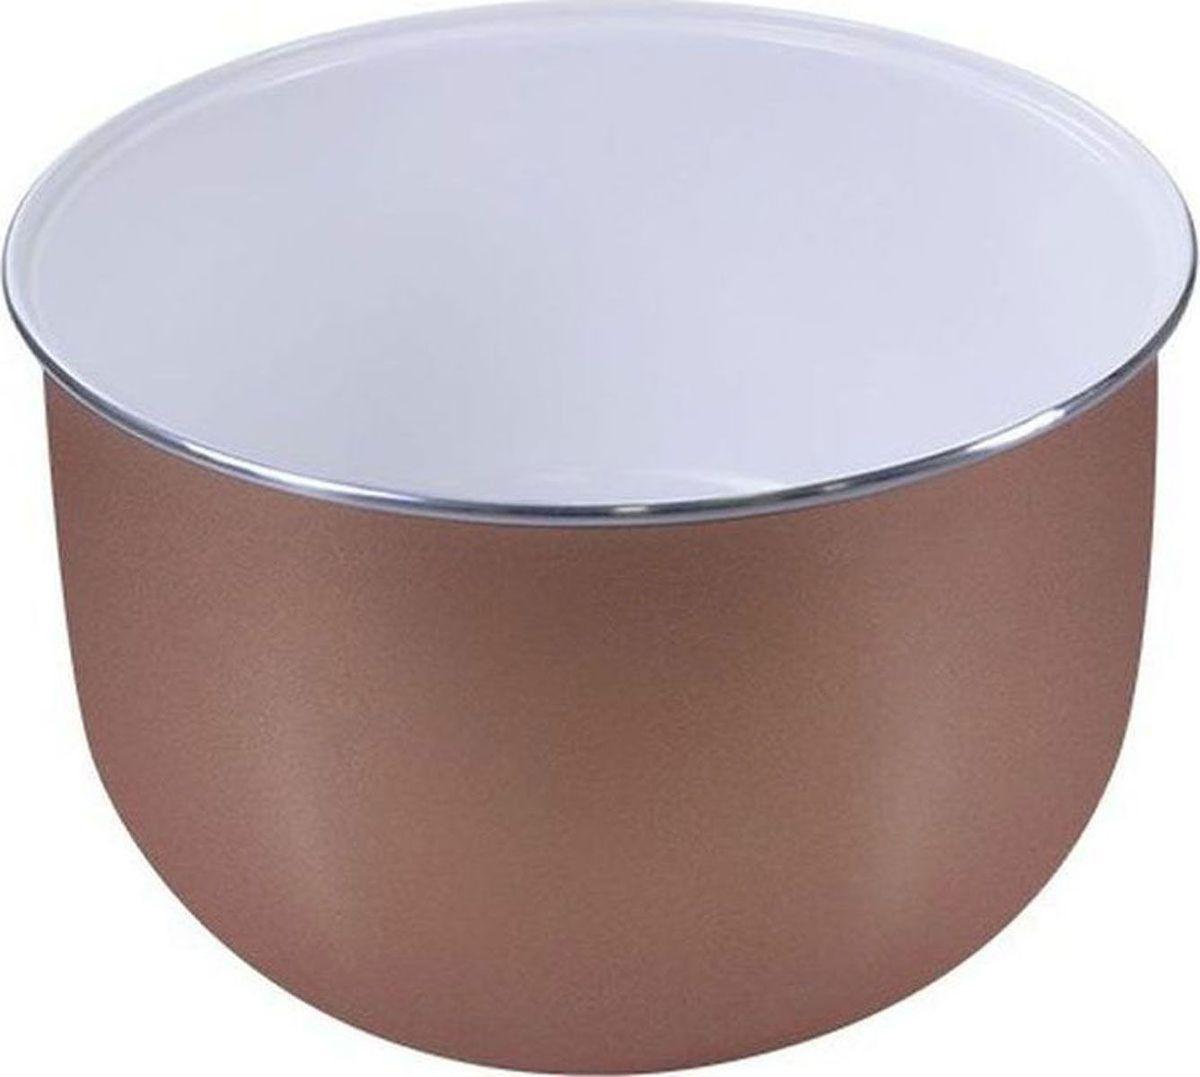 Lumme LU-MC302 Ceramic, White чаша для мультиварки, 3 лLU-MC302Дополнительная чаша Lumme LU-MC302 объемом 3 литра с утолщенными стенками и внутренним двухслойным керамическим покрытием позволяет готовить без добавления масла или жира, не окисляется, не выделяет вредные примеси даже при высоких температурах.Благодаря толстым стенкам равномерно распределяет тепло, обеспечивая приготовление пищи без пригорания.Являясь природным материалом, керамика уменьшает естественную потерю питательных веществ продуктов при термической обработке, а также сохраняет вкус и аромат готовых блюд натуральными.